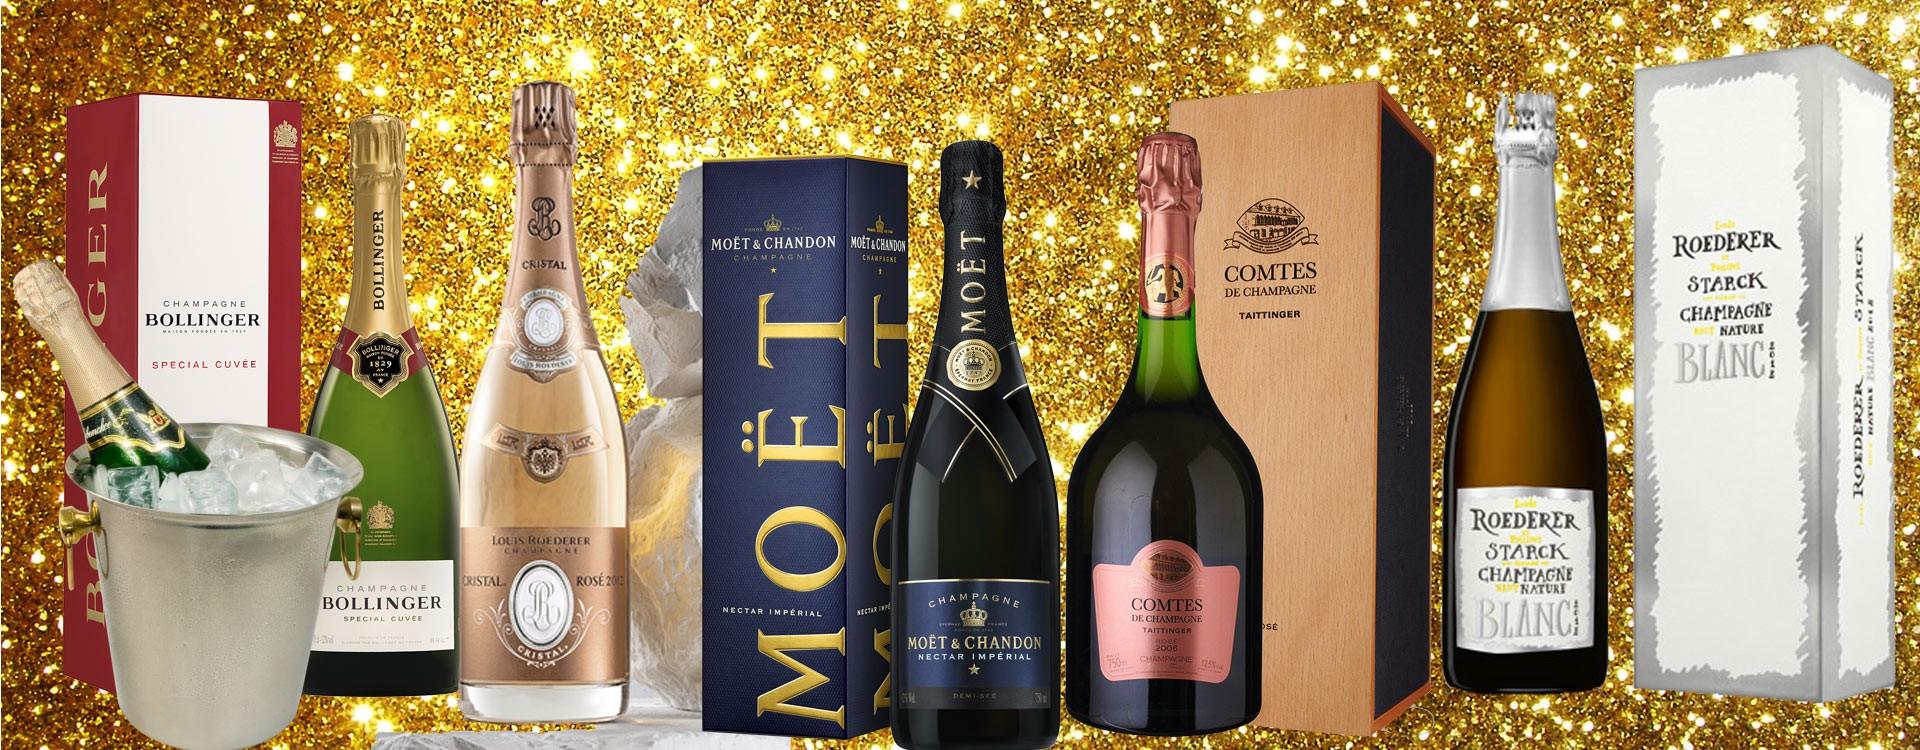 Champagne Roederer, Bollinger, Moët Chandon, Taittinger